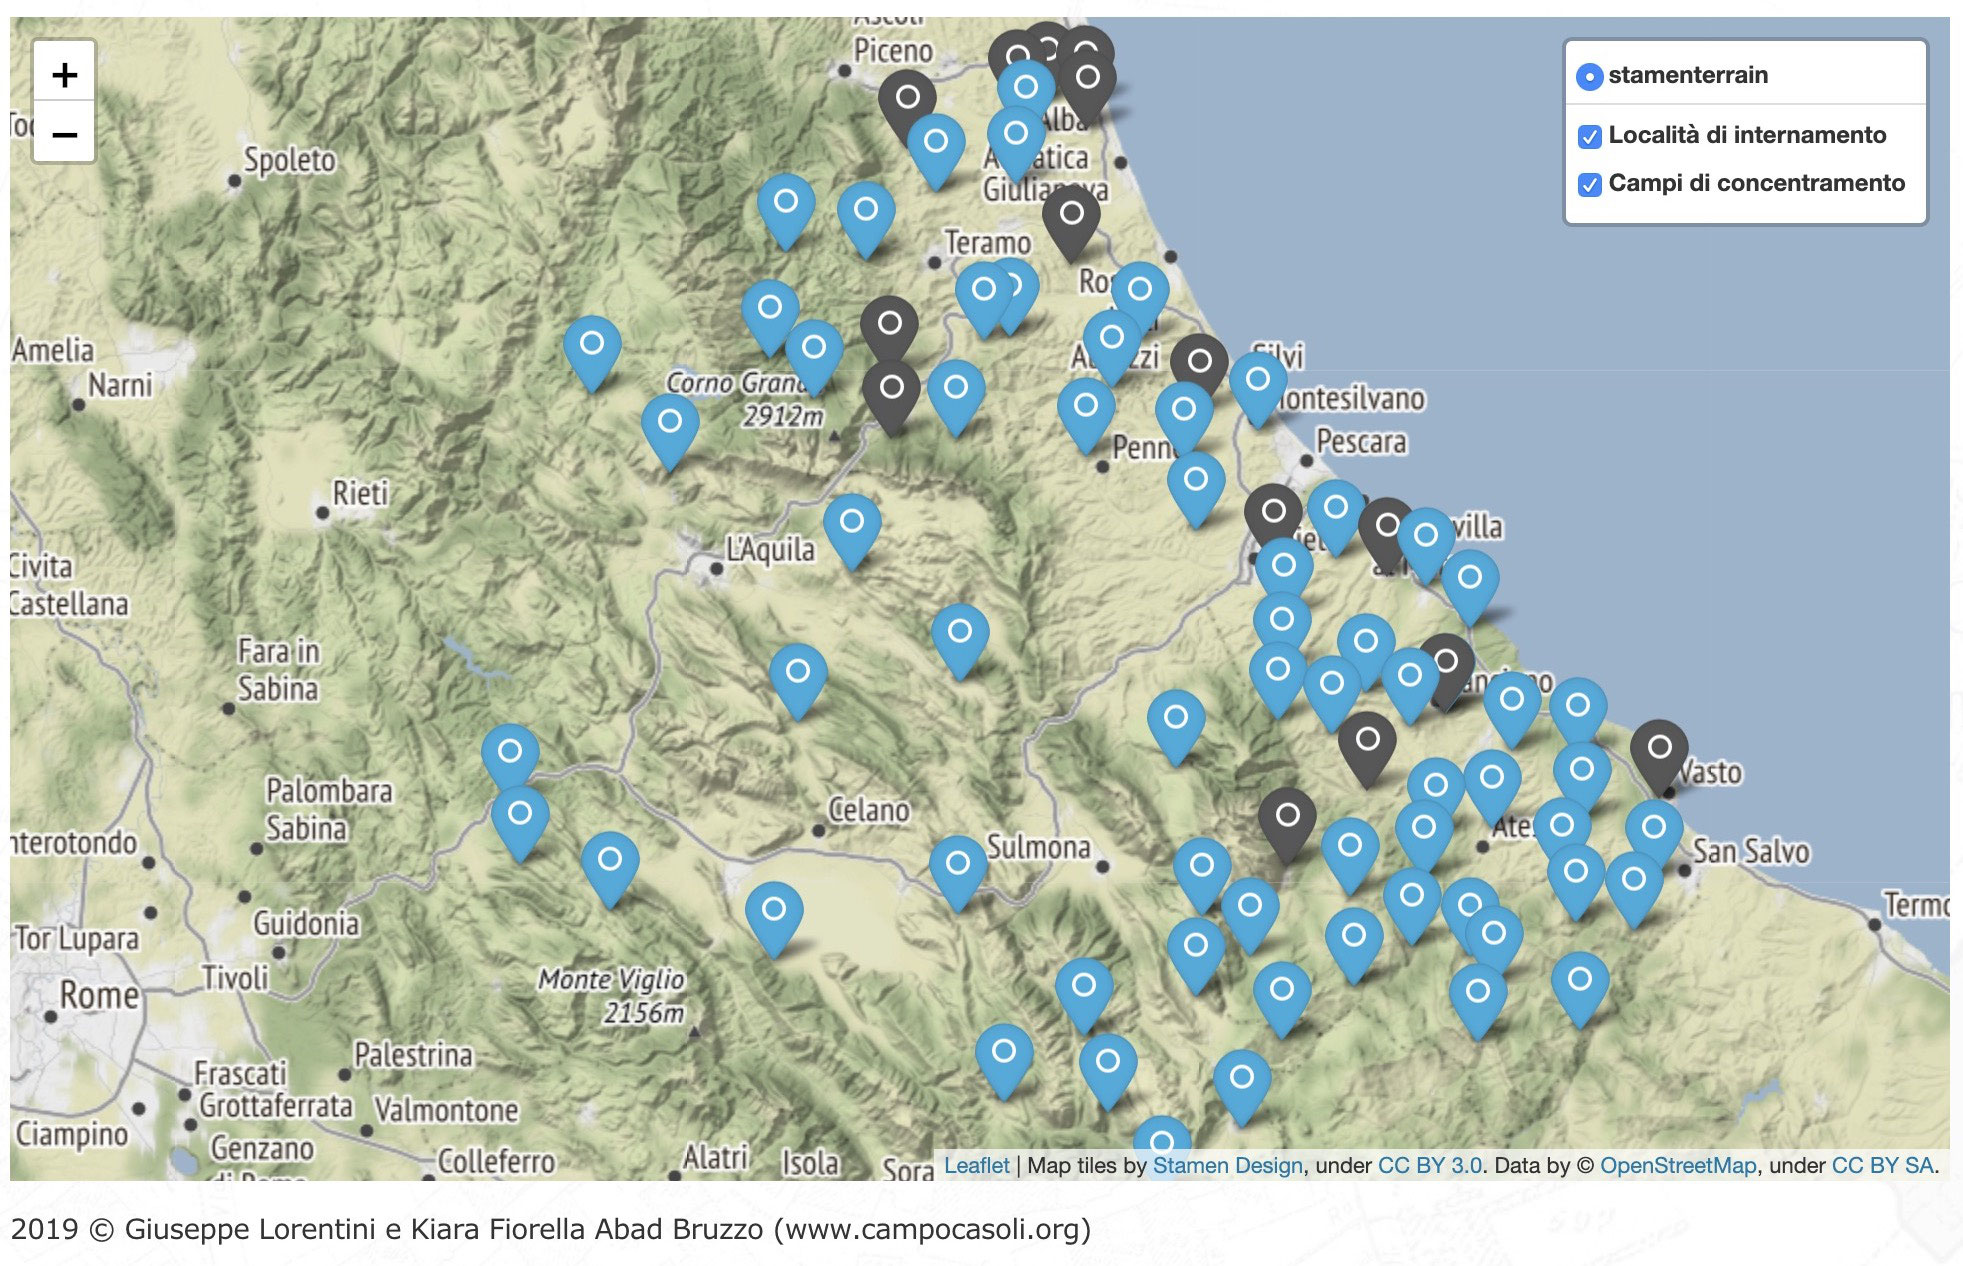 Cartina Italia Interattiva Html.Mappa Interattiva Delle Localita Di Internamento Libero E Dei Campi Di Concentramento Fascisti In Abruzzo Durante Gli Anni 1940 1943 Campocasoli Org